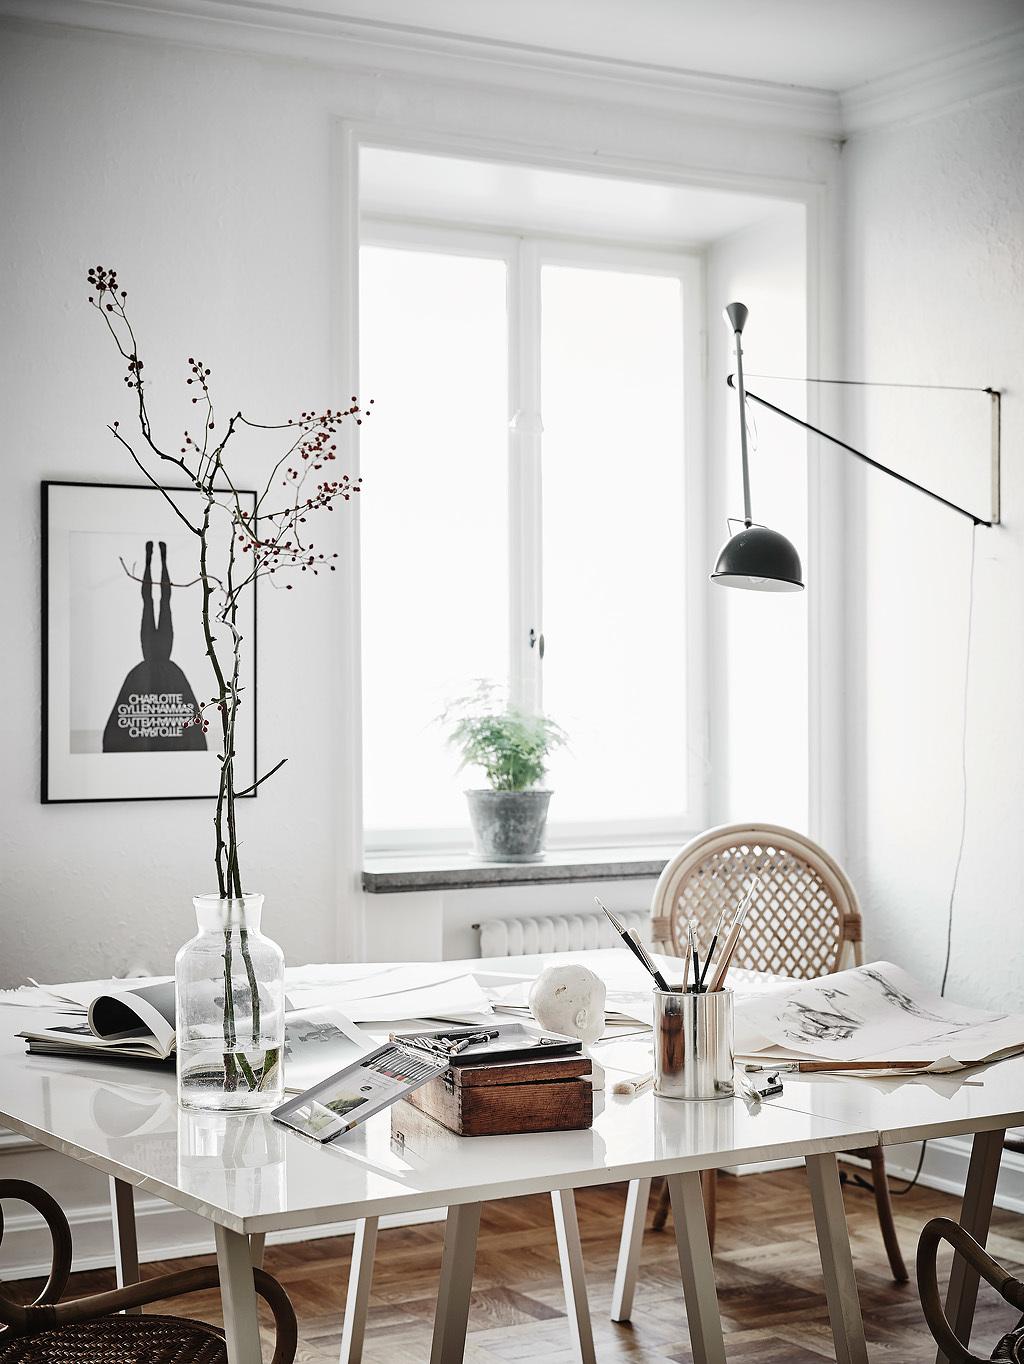 Un Home Tour Splendide Mademoiselle Claudine Le Blog